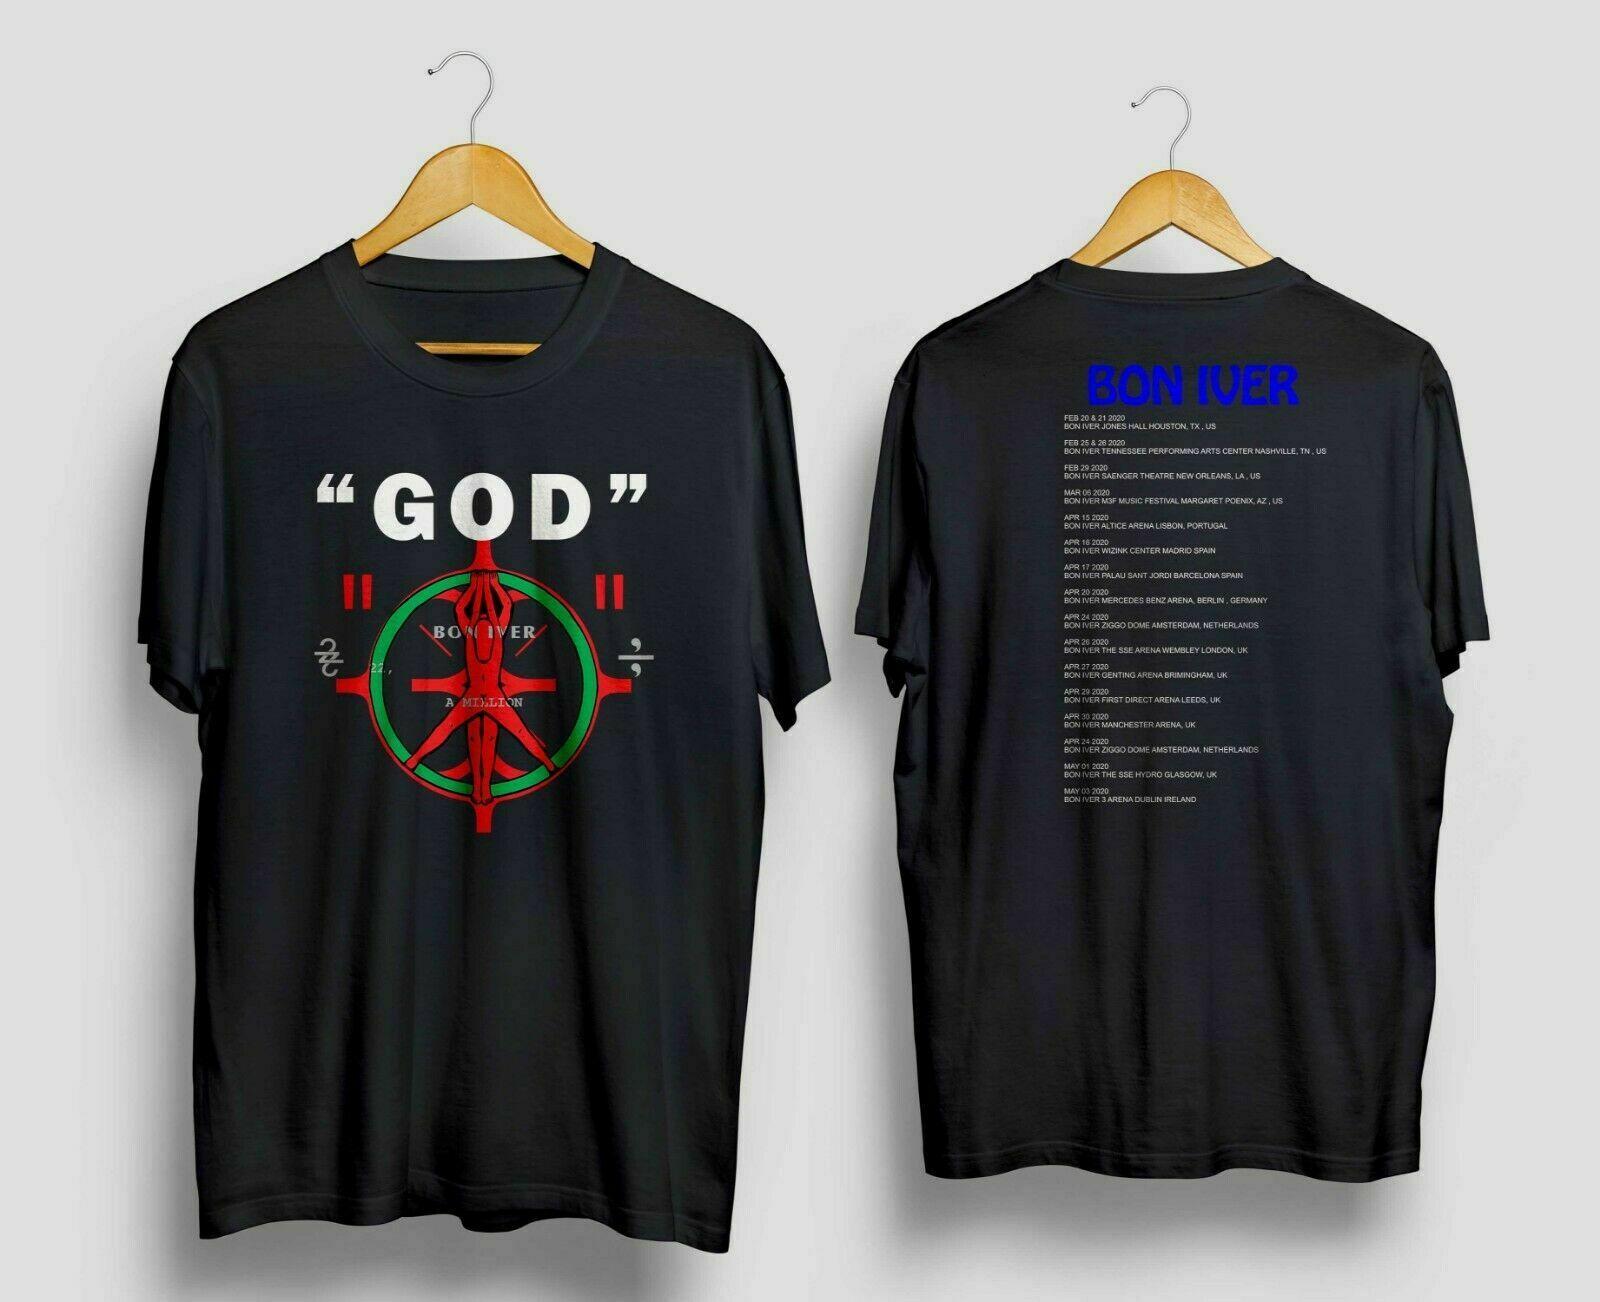 Bon Iver God World Tour 2020 With Dates T Shirt Black Size S 5Xl